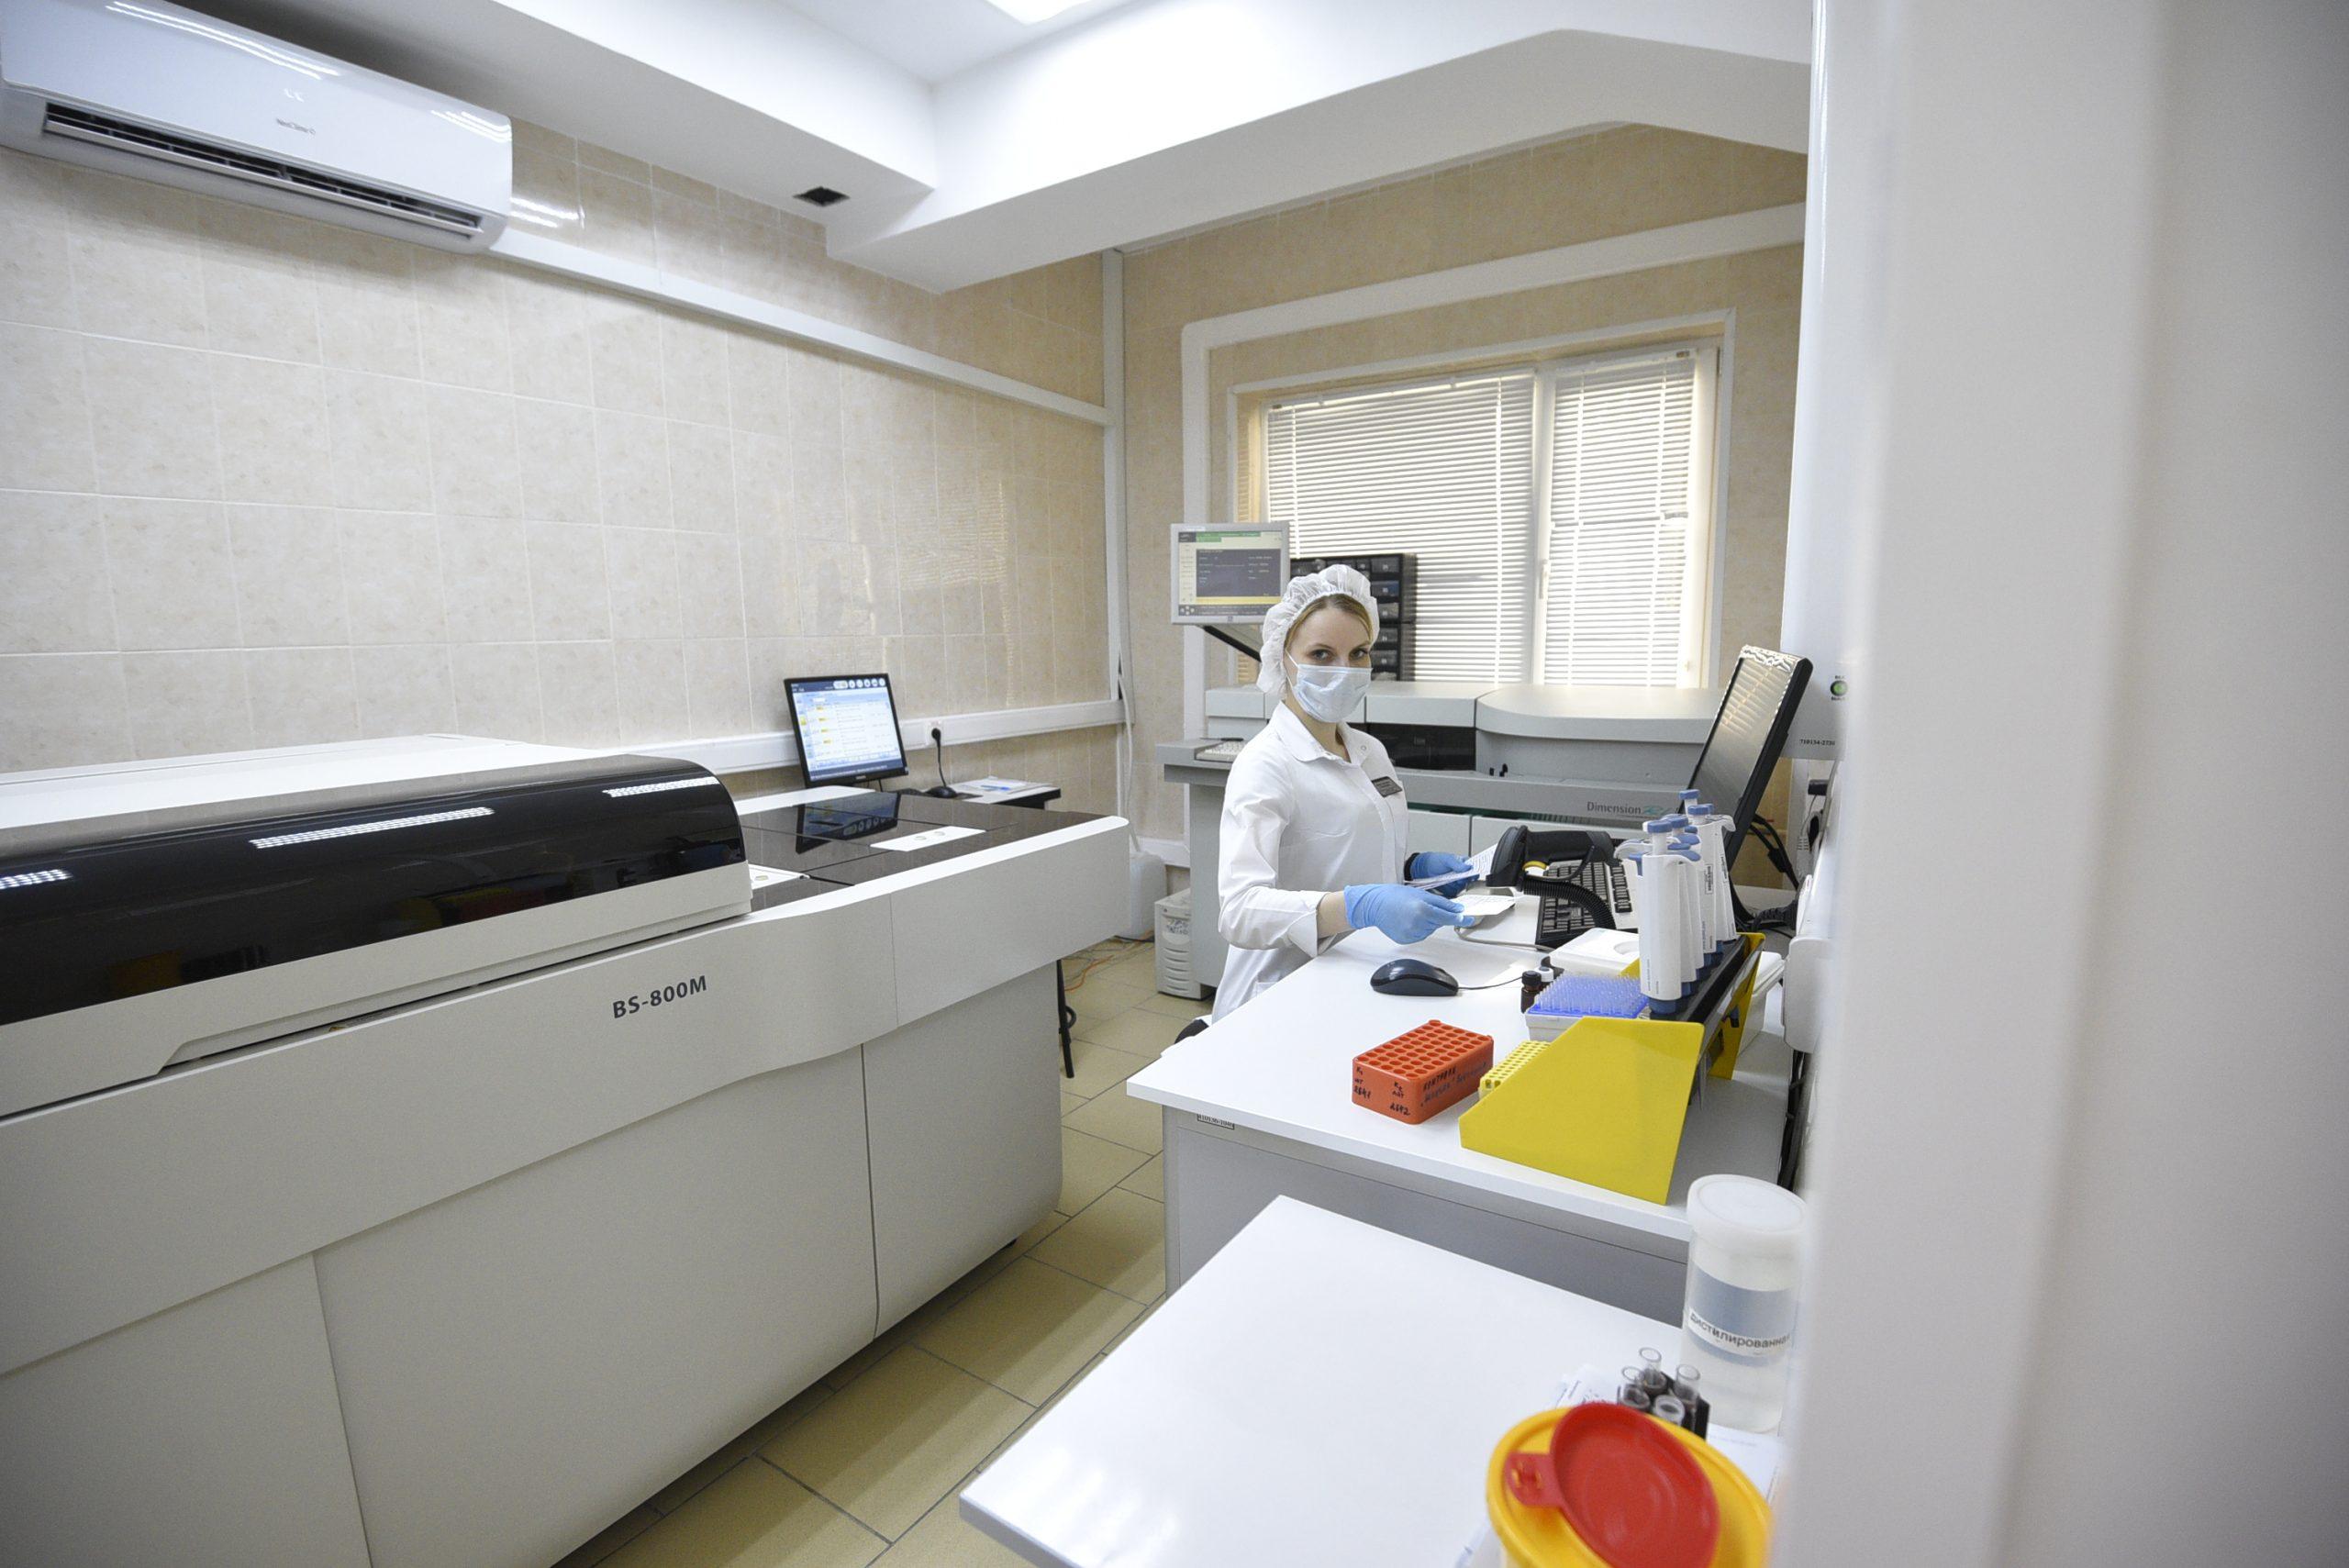 За прошедшие сутки в Москве выявили 5 700 новых случаев инфекции коронавируса